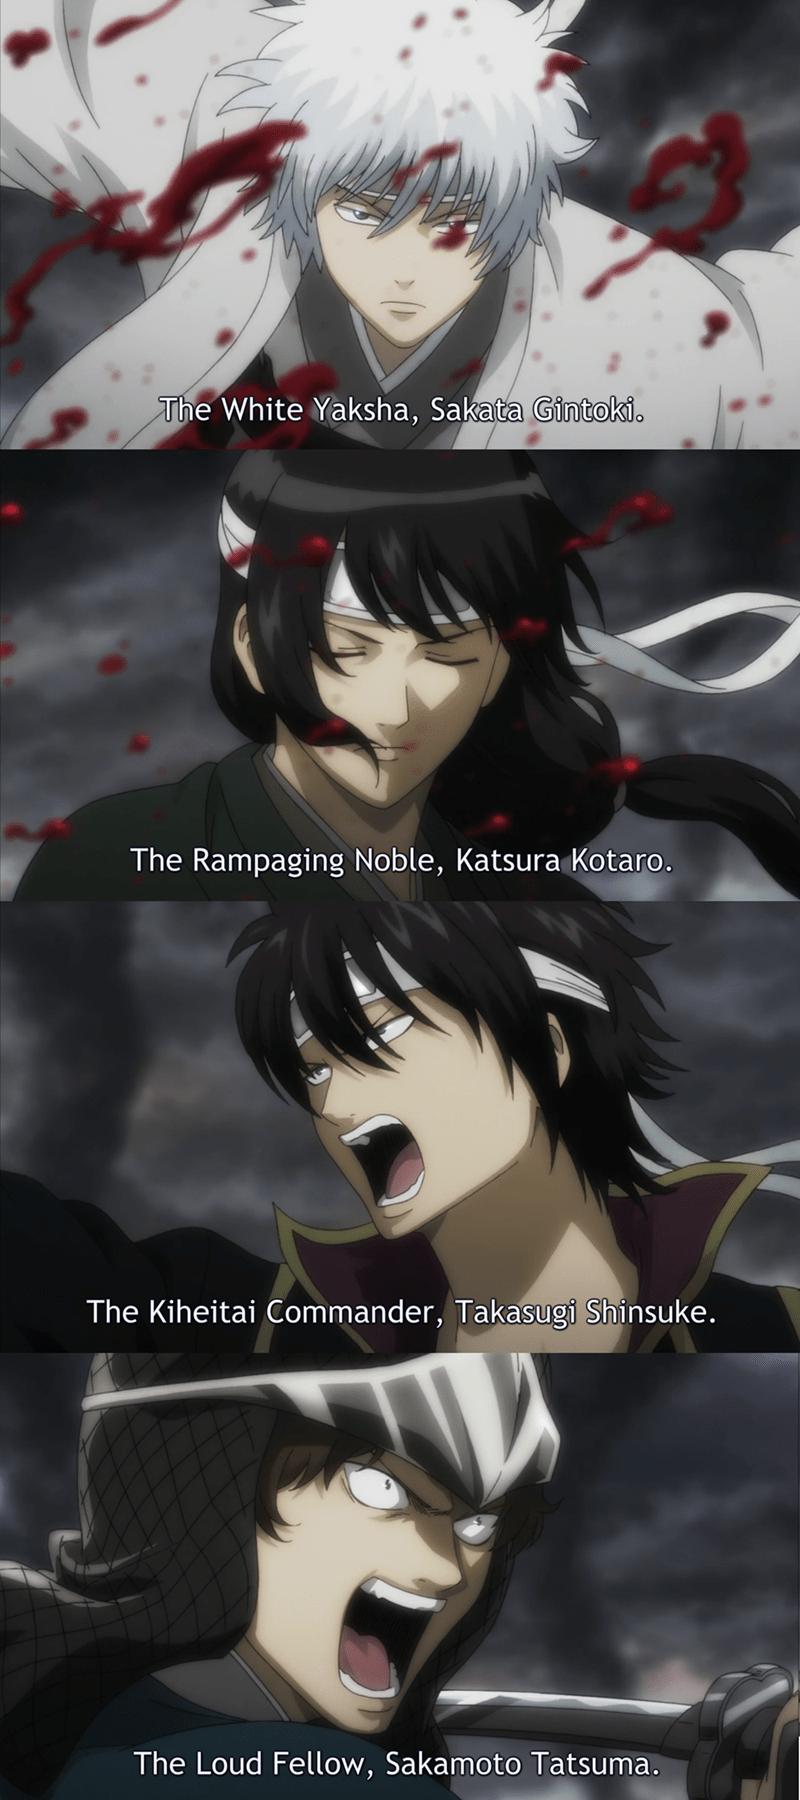 anime manga - 8770969344